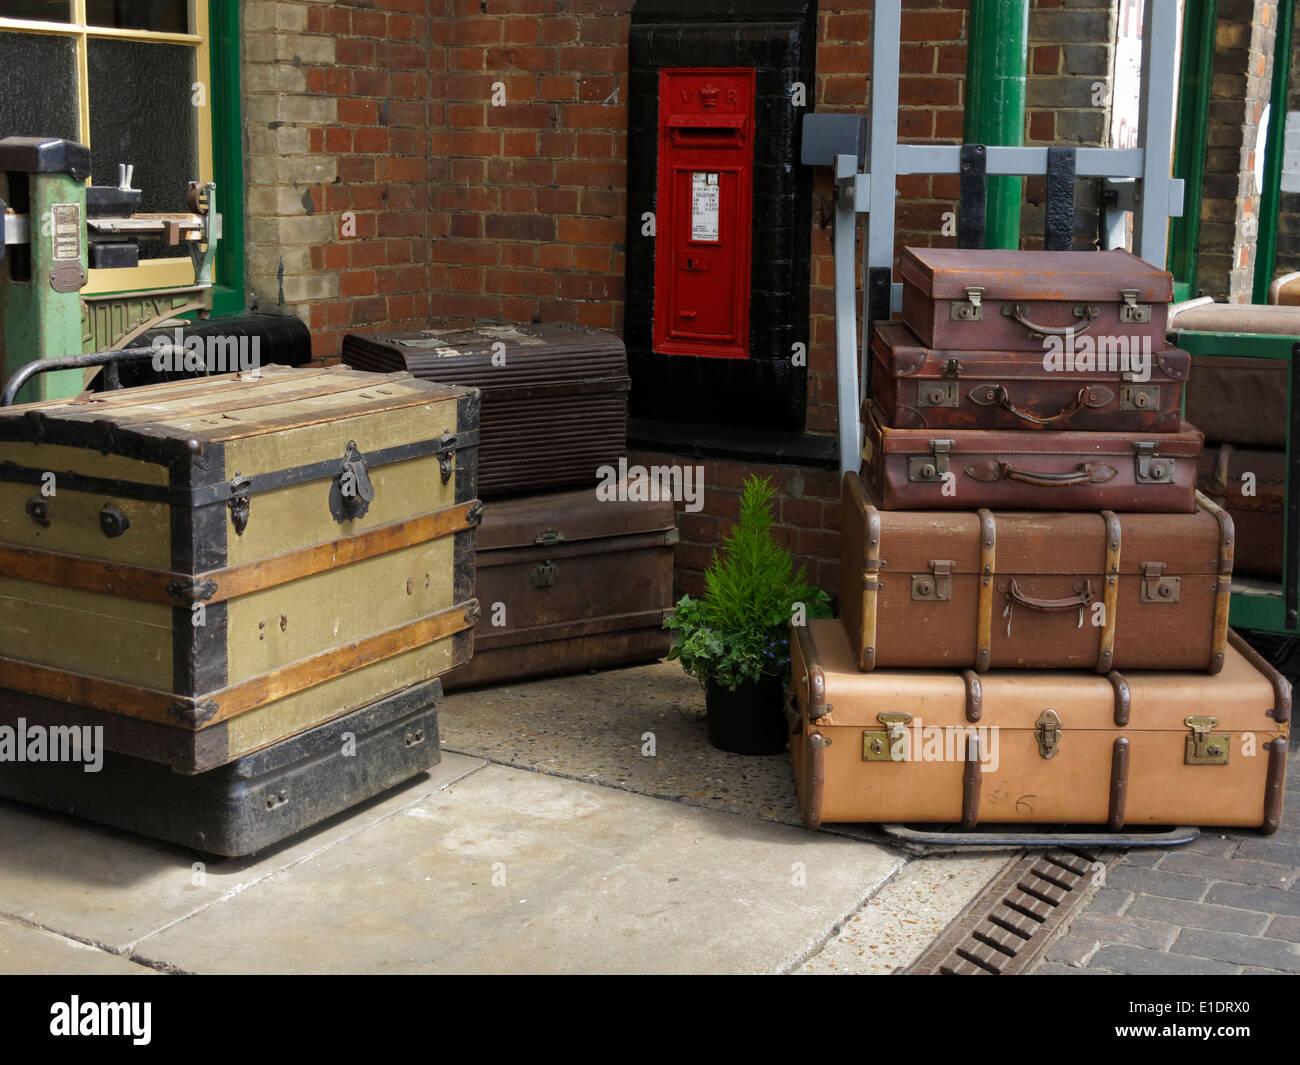 Assurance sur l'antan Sheringham, gare, North Norfolk, au Royaume-Uni. Banque D'Images